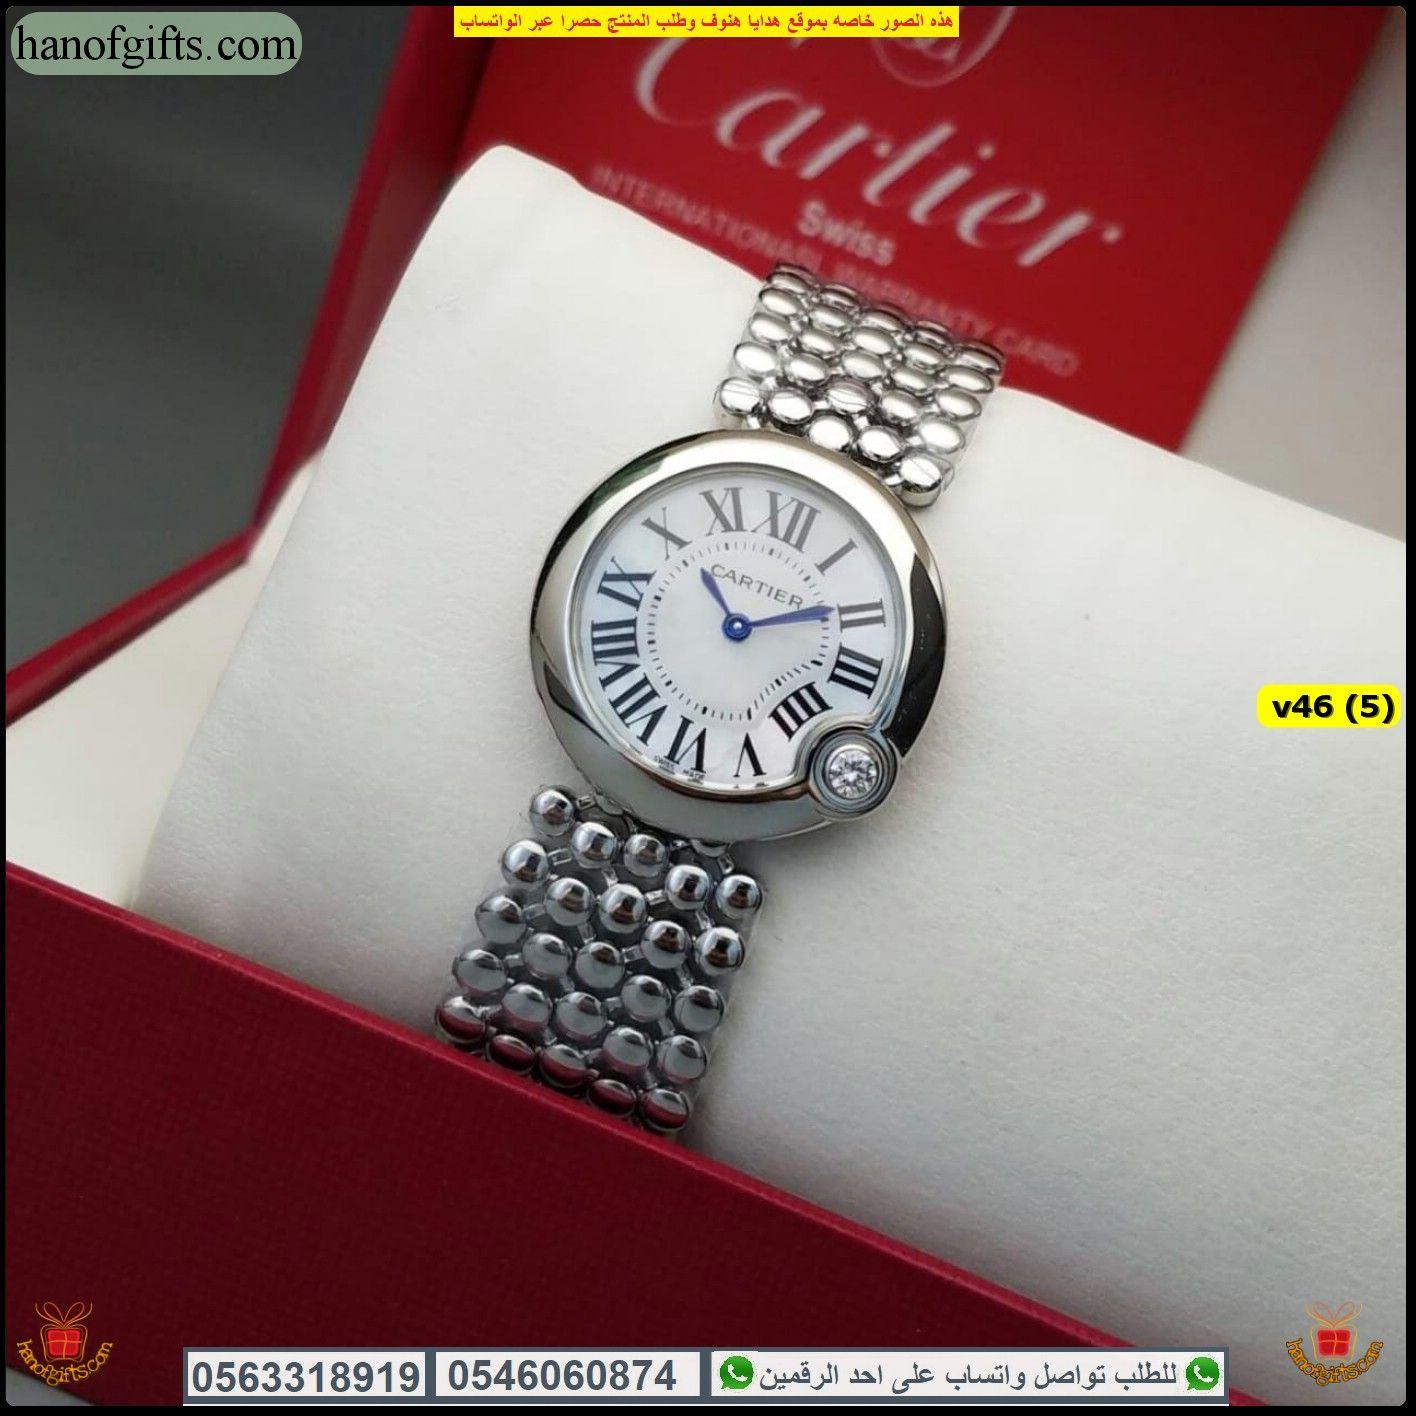 ساعات كارتير نسائيه الموديل الاكثر طلبا Ca مع علبة فخمه هدايا هنوف Bracelet Watch Accessories Watches